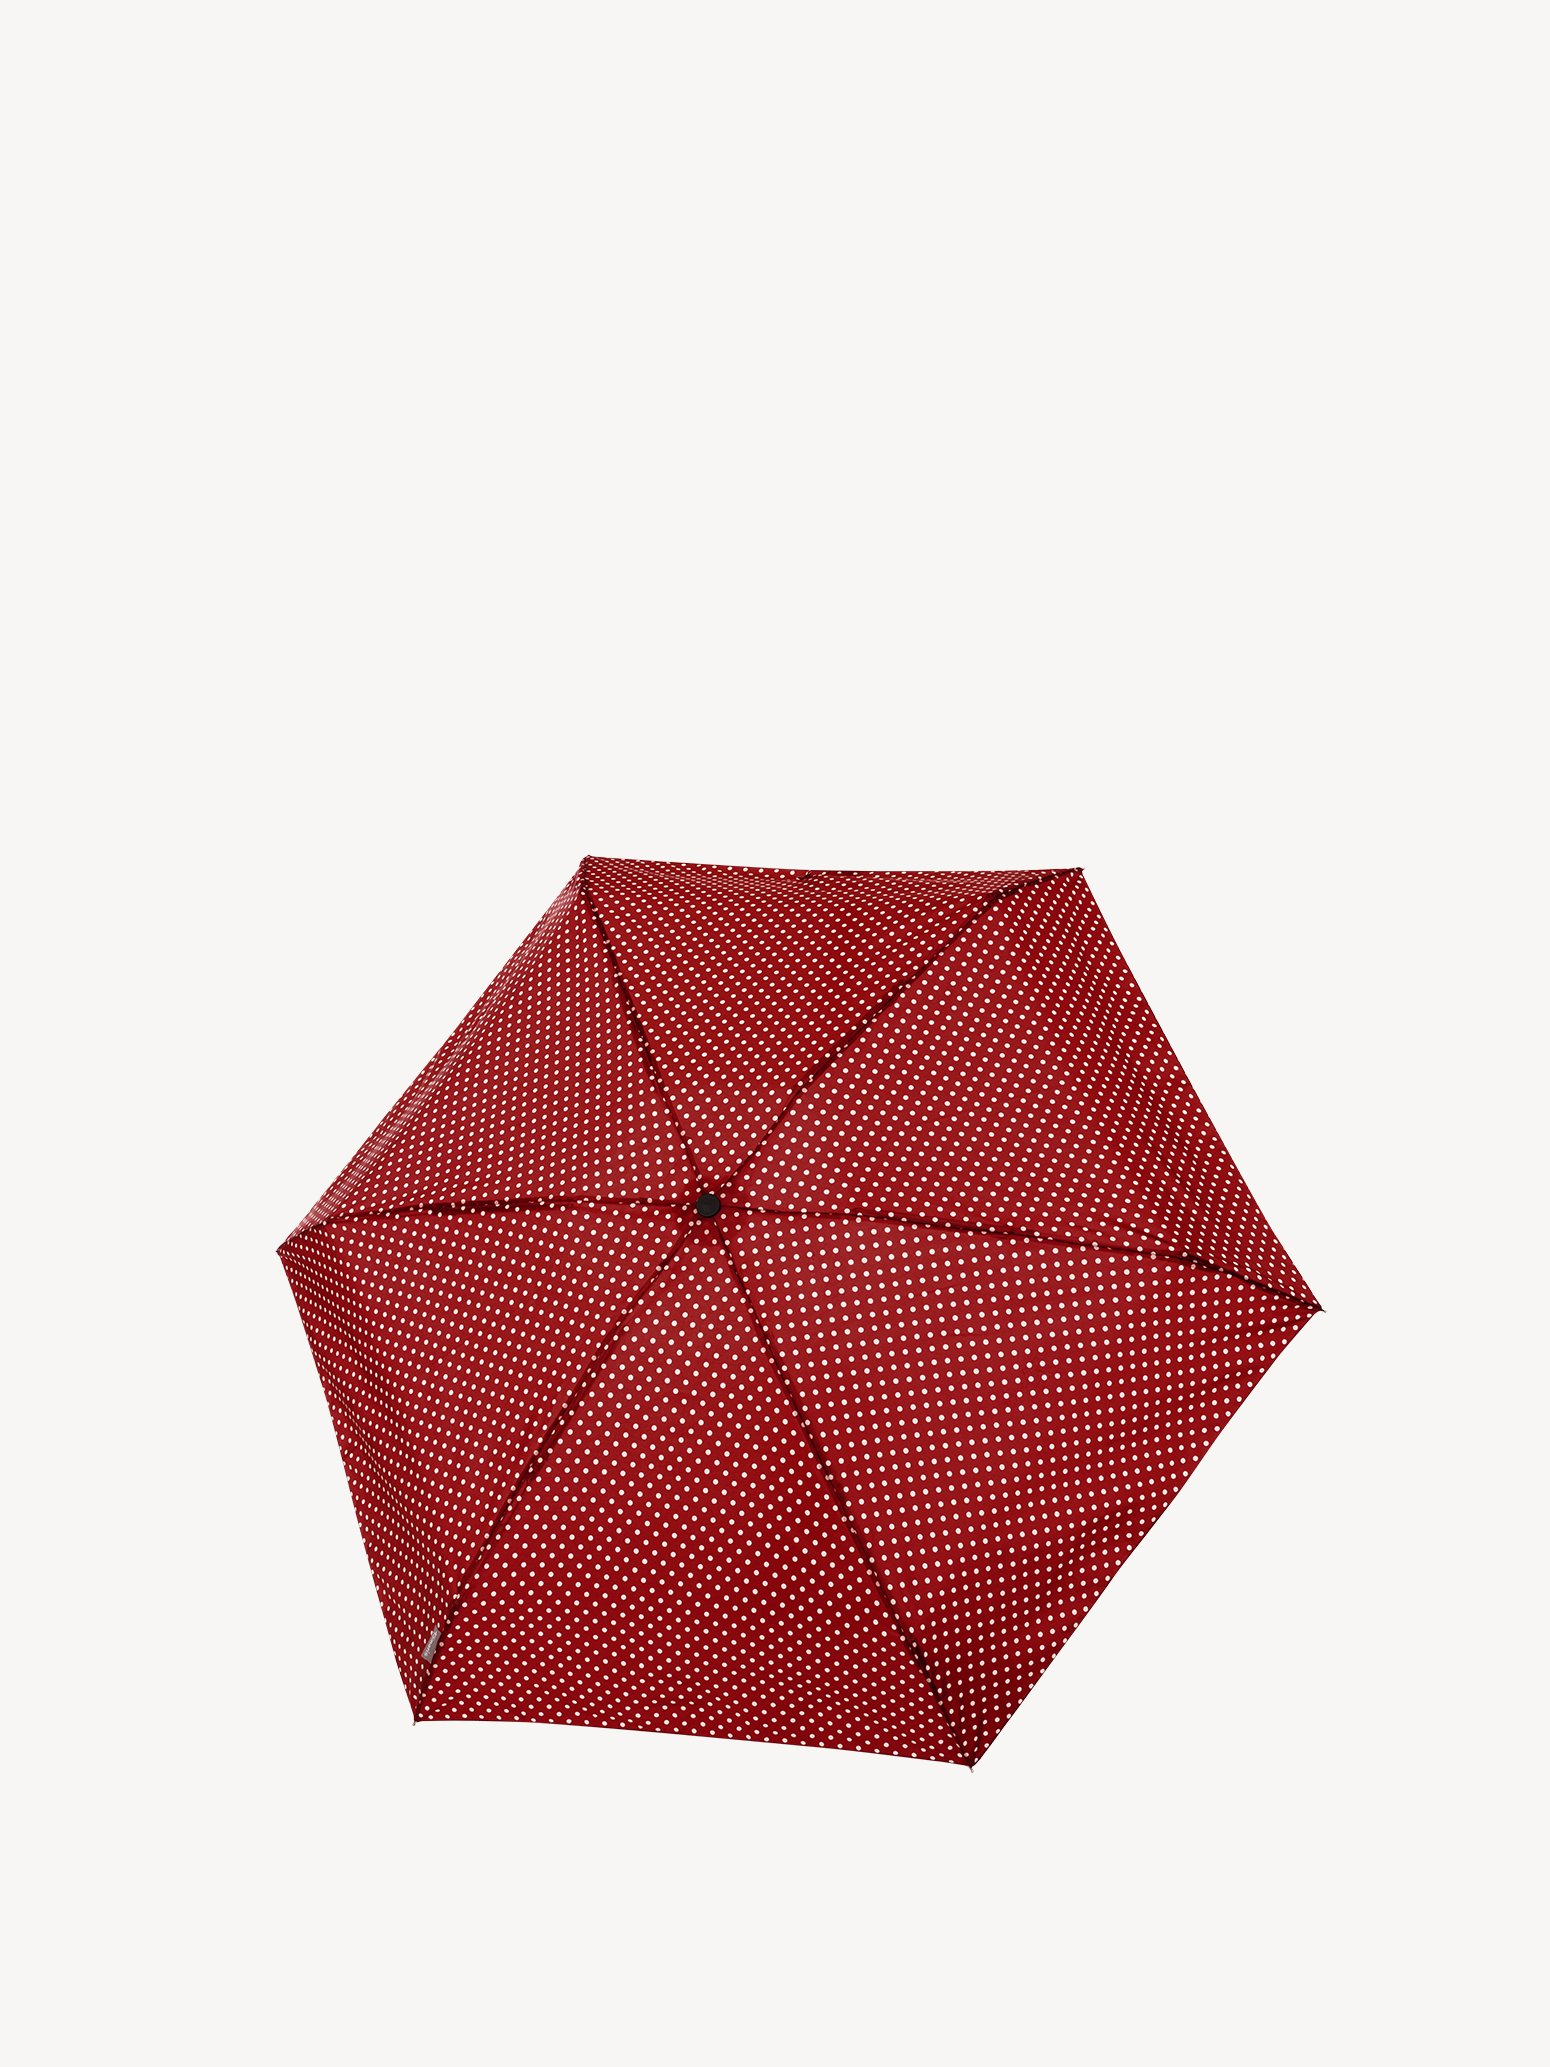 Зонт Tambrella Mini 6